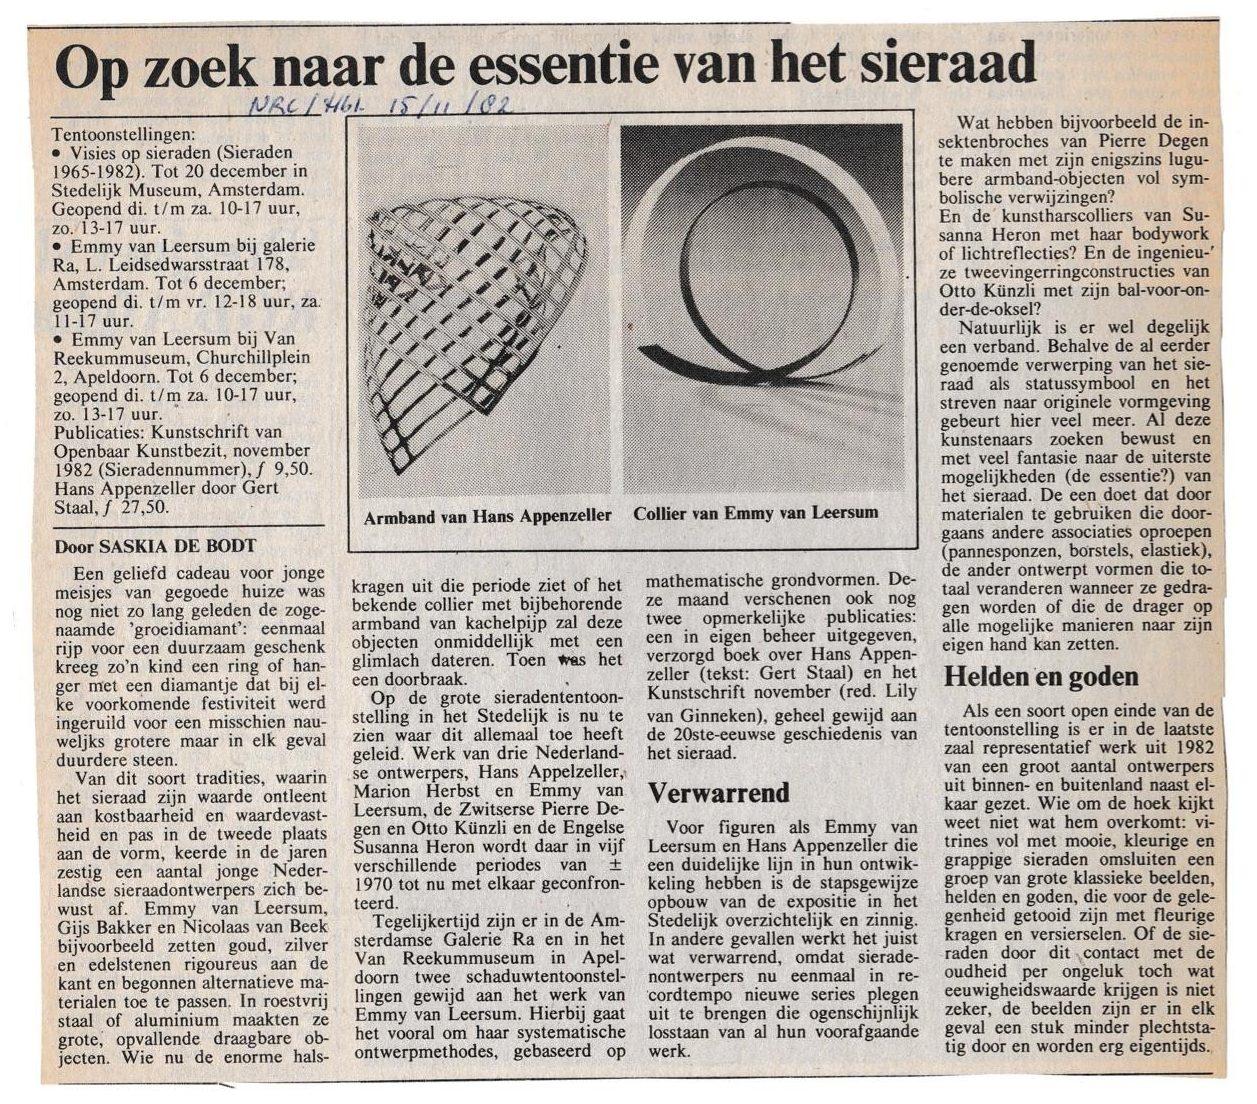 Recensie door Saskia de Bodt in NRC, Visies op sieraden, 1982, Hans Appenzeller, Emmy van Leersum